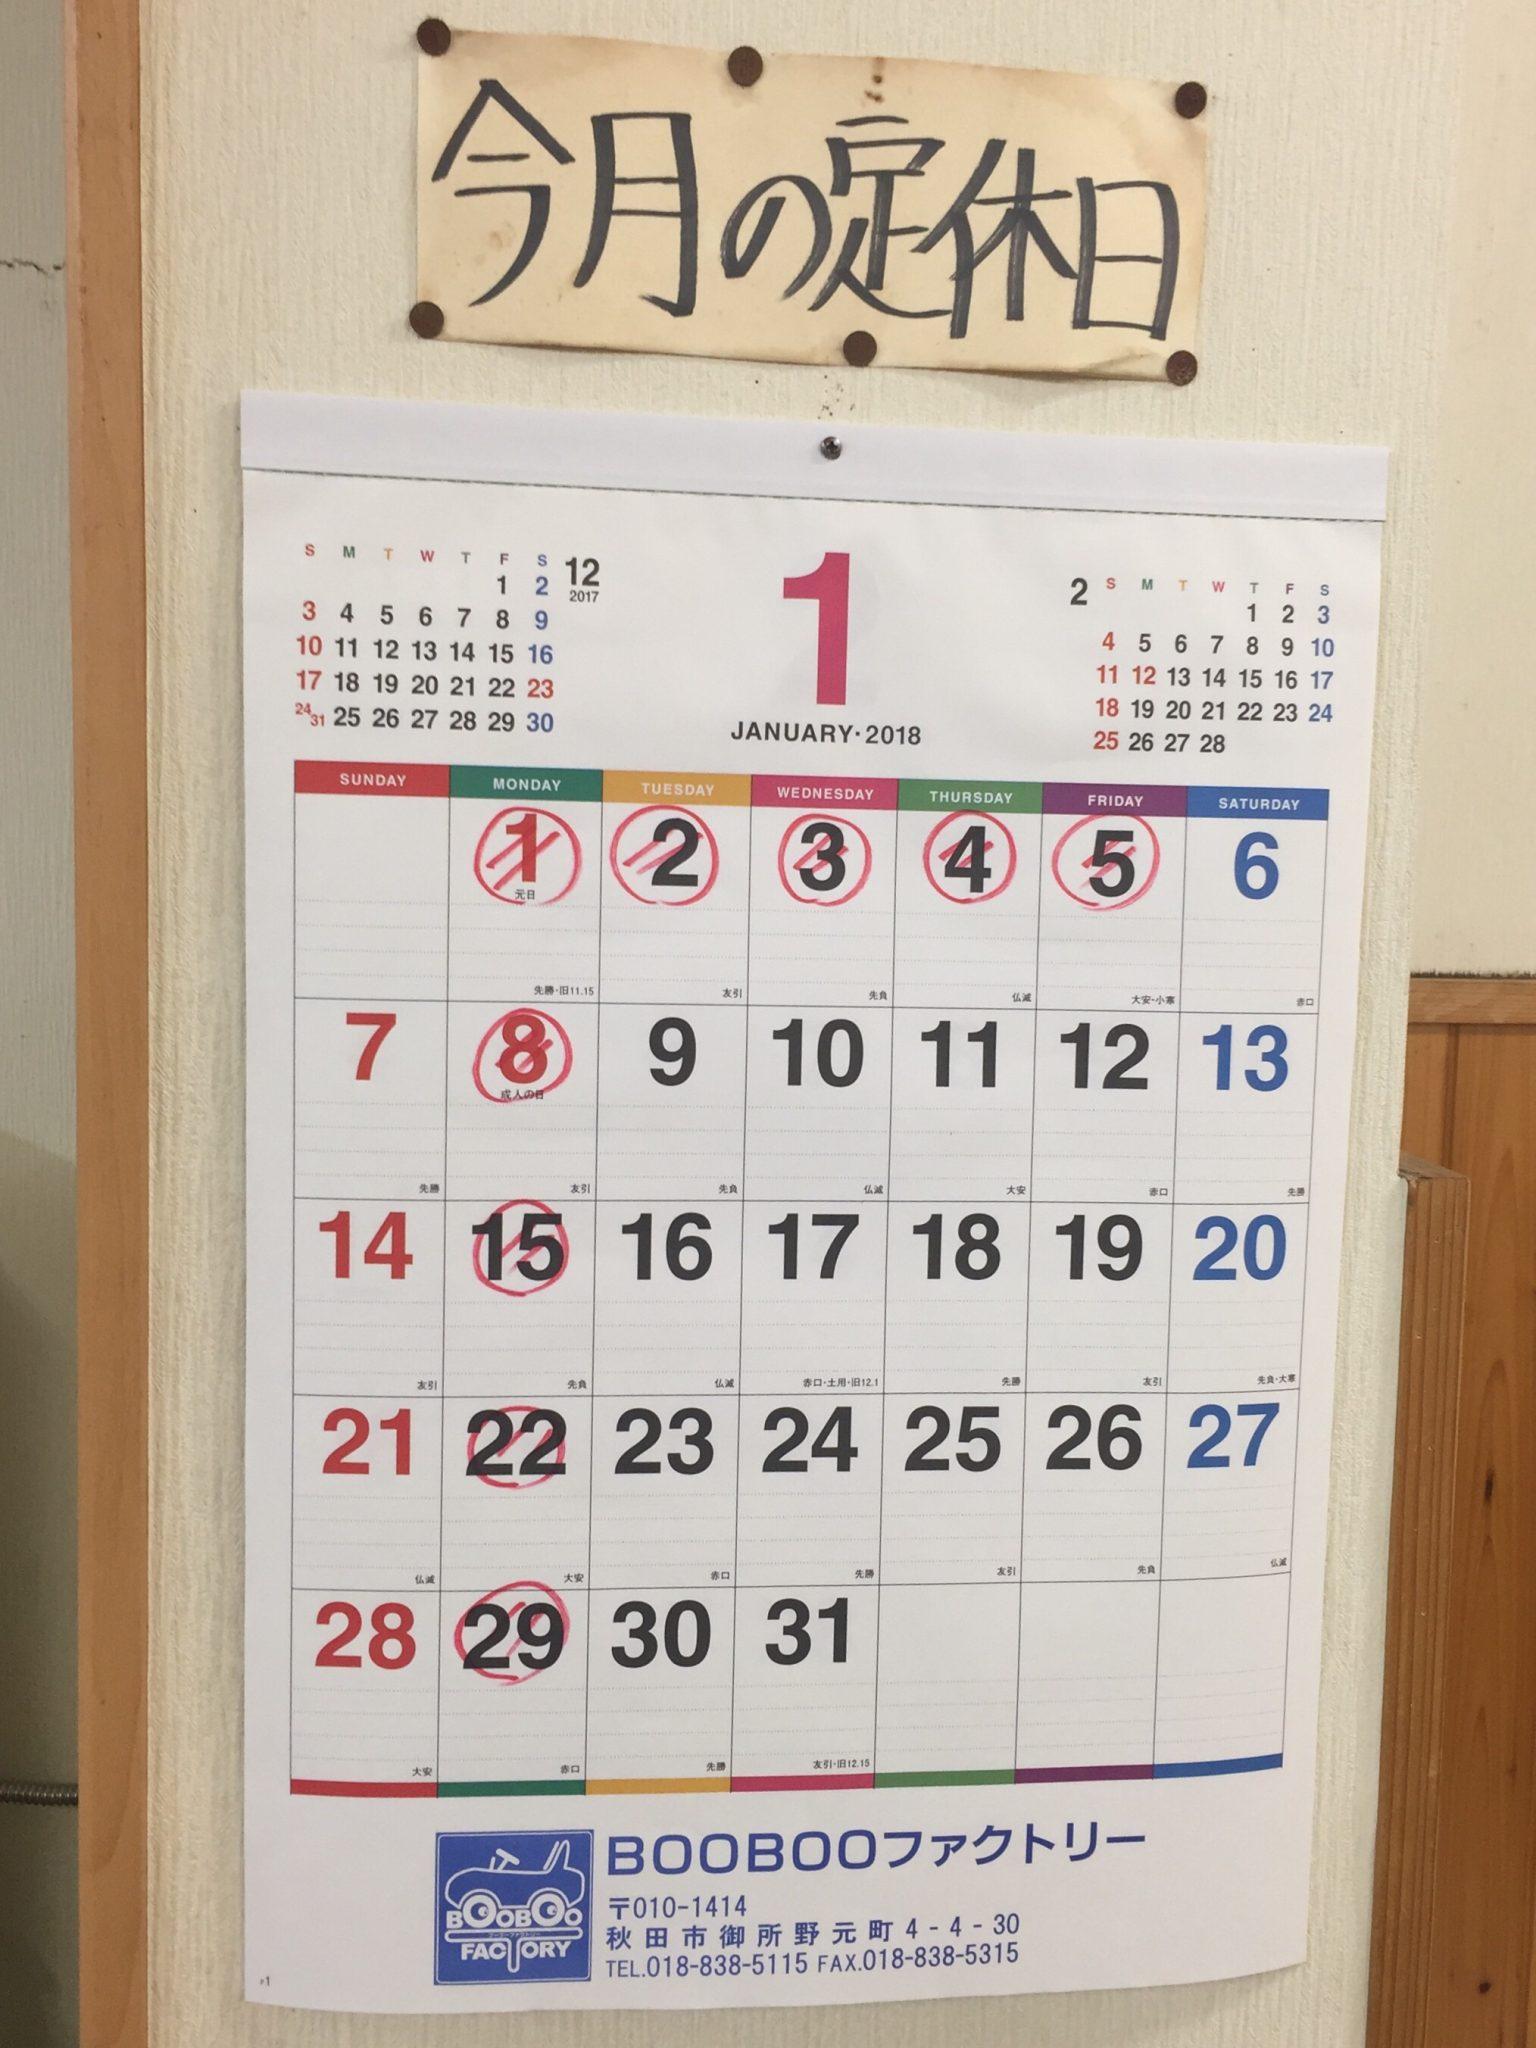 拉麺職人 満大 定休日 営業カレンダー